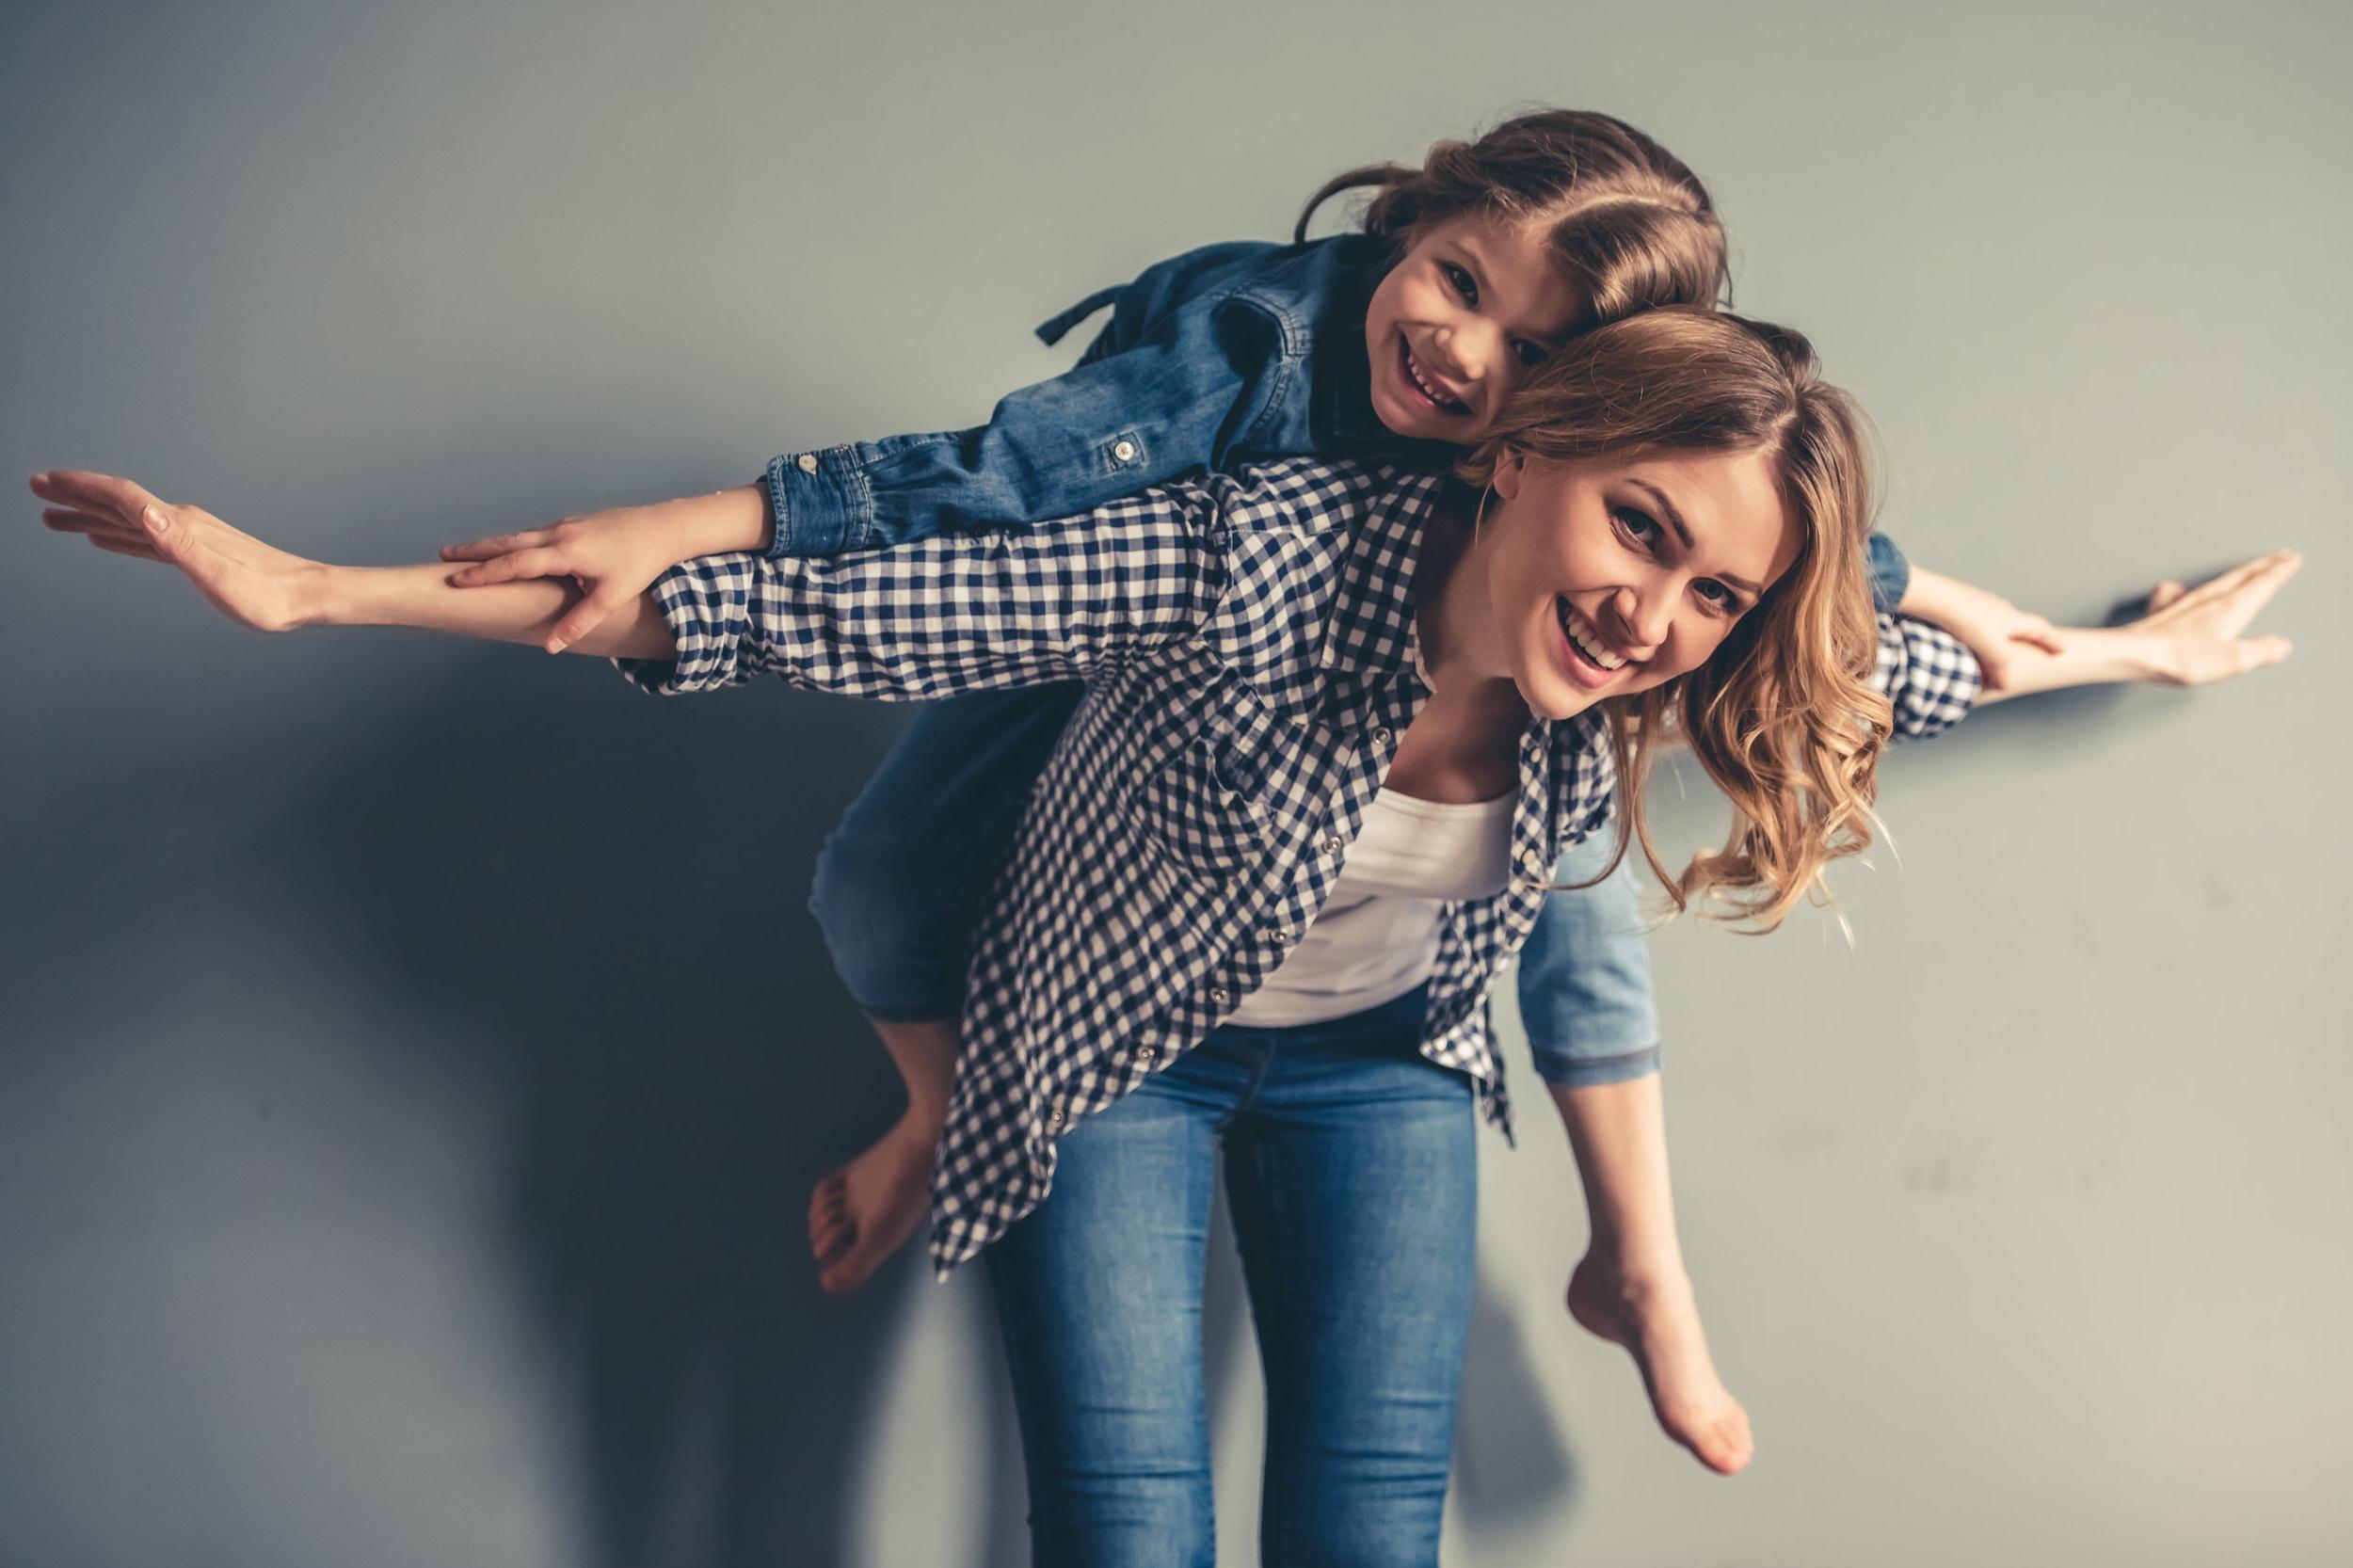 Kom als duo - Voor deze workshop vragen we als duo in te schrijven, d.w.z. dat elk kind door 1 volwassen persoon wordt begeleid.Een superleuke activiteit om samen met mama, papa, oma, opa, meter, peter of met een grote broer/zus (+18j) te doen.